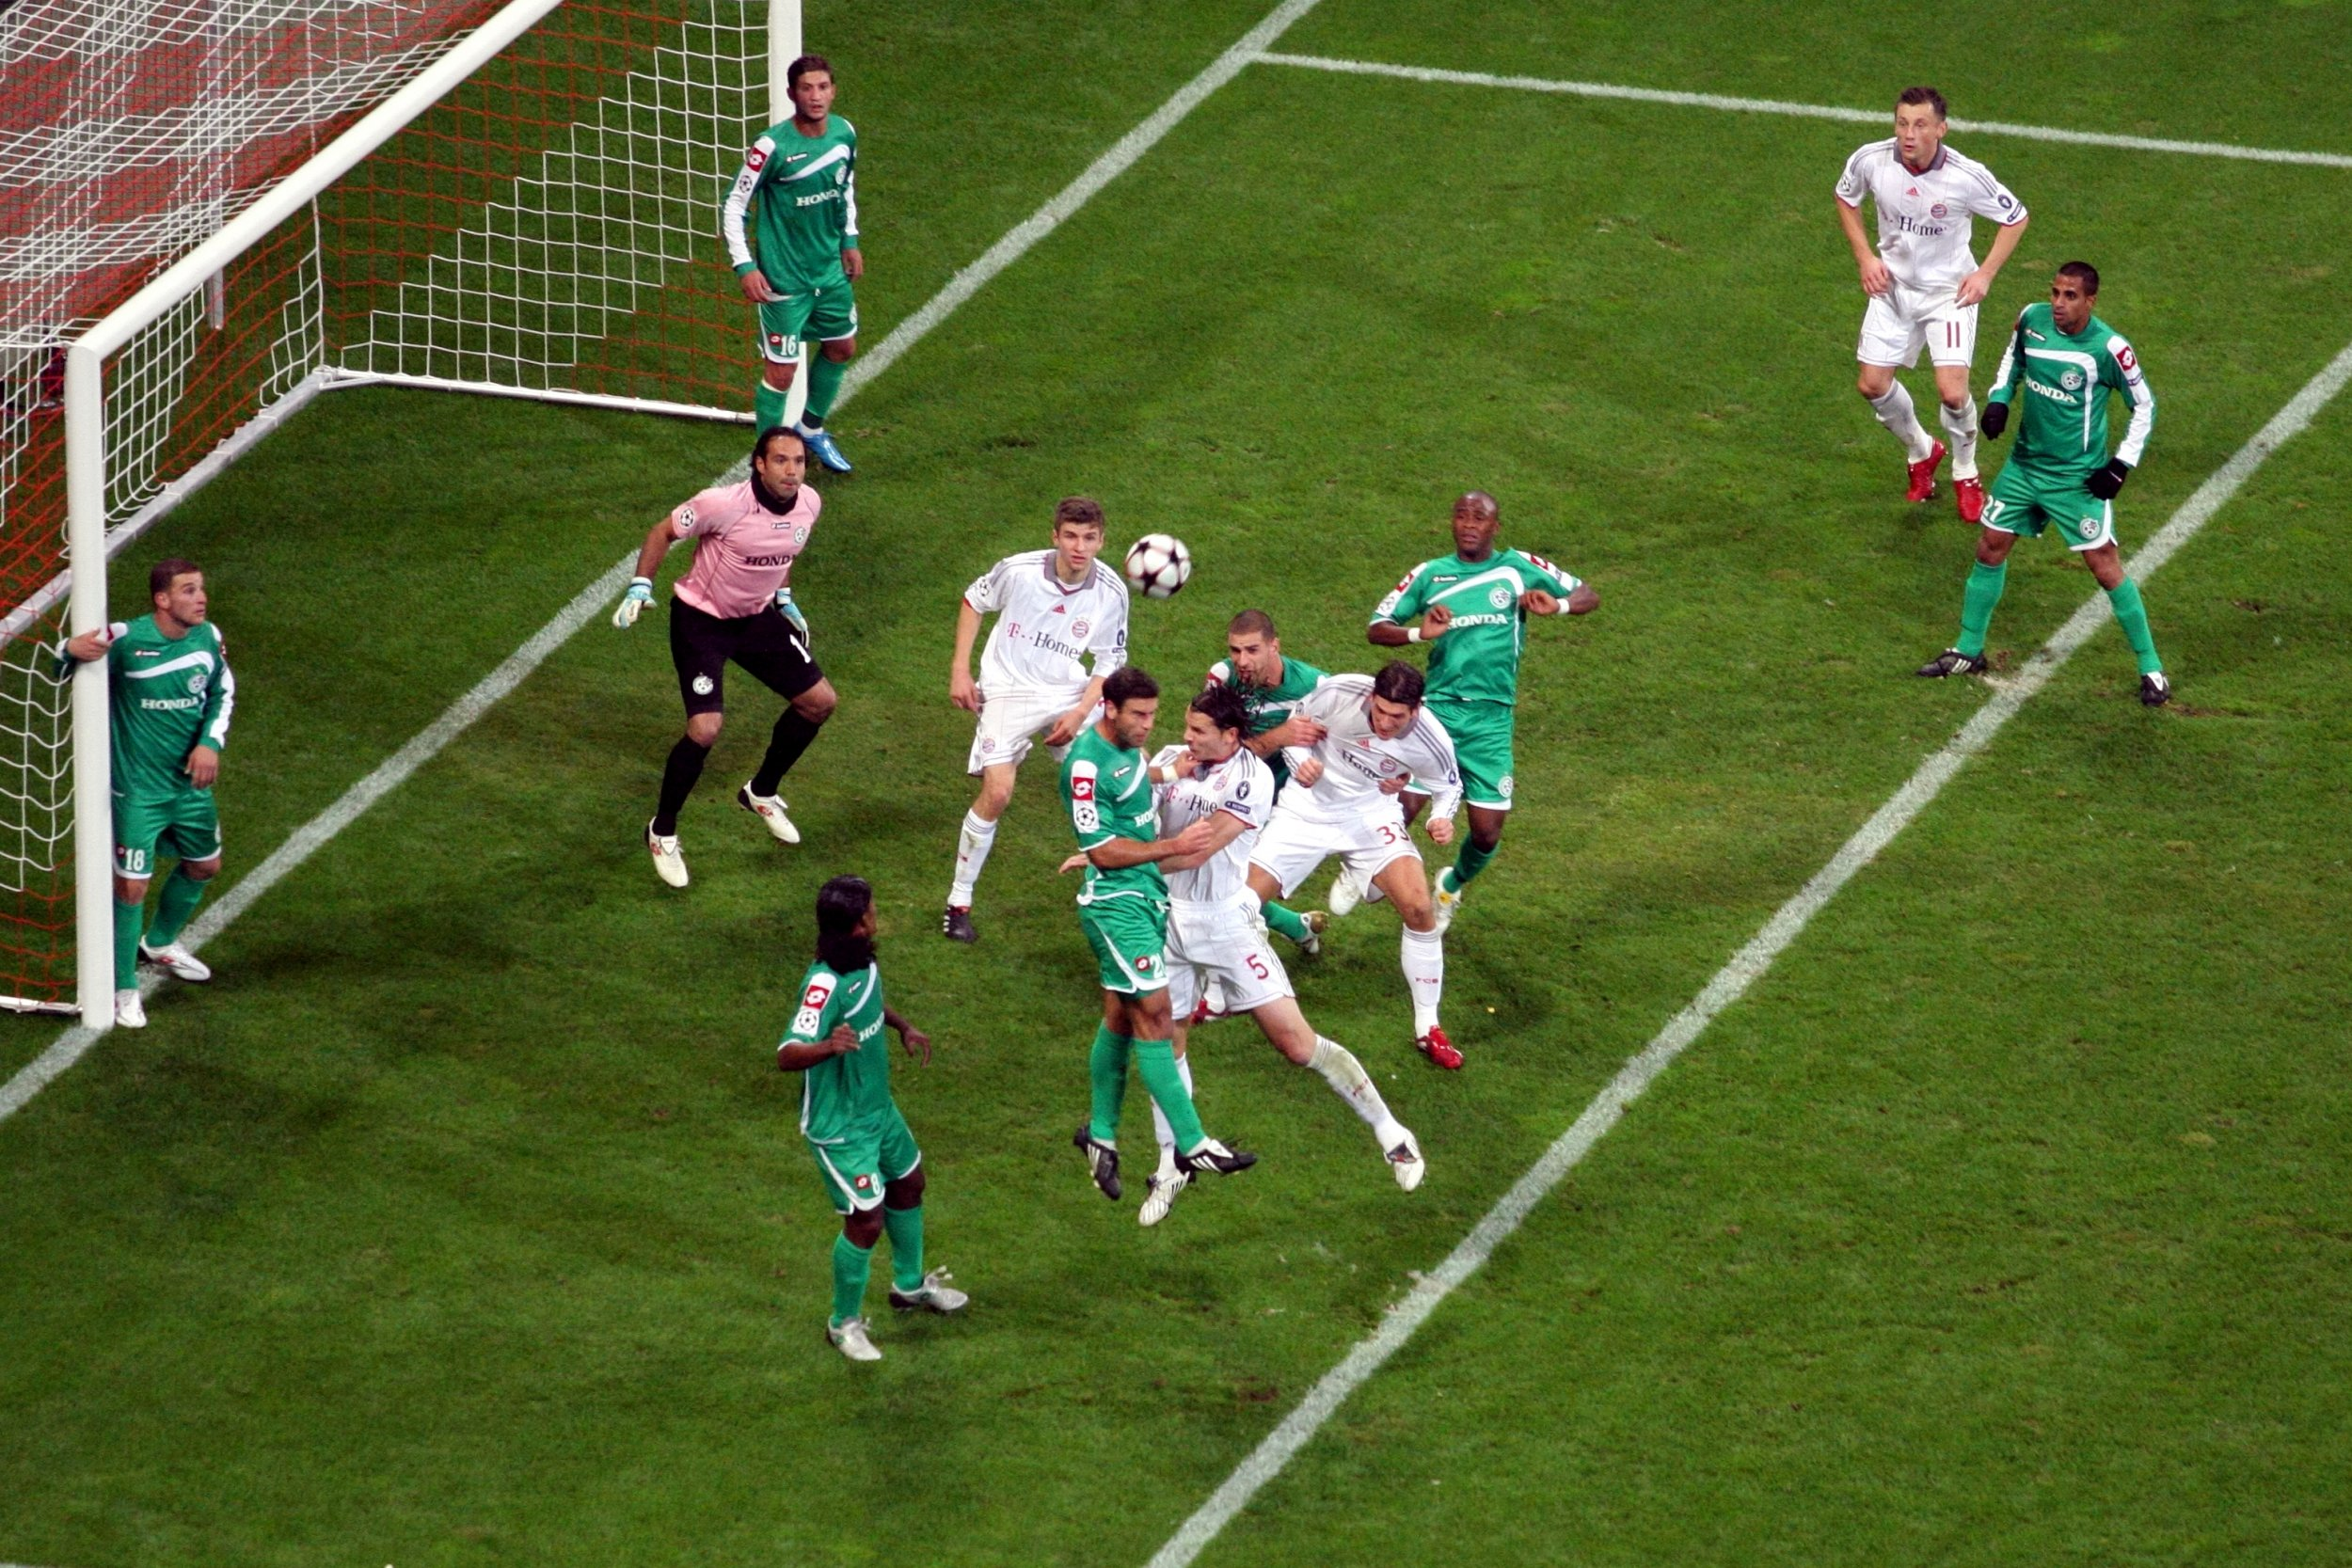 Bayern_Munich_vs_Maccabi_Haifa_(4136842616)